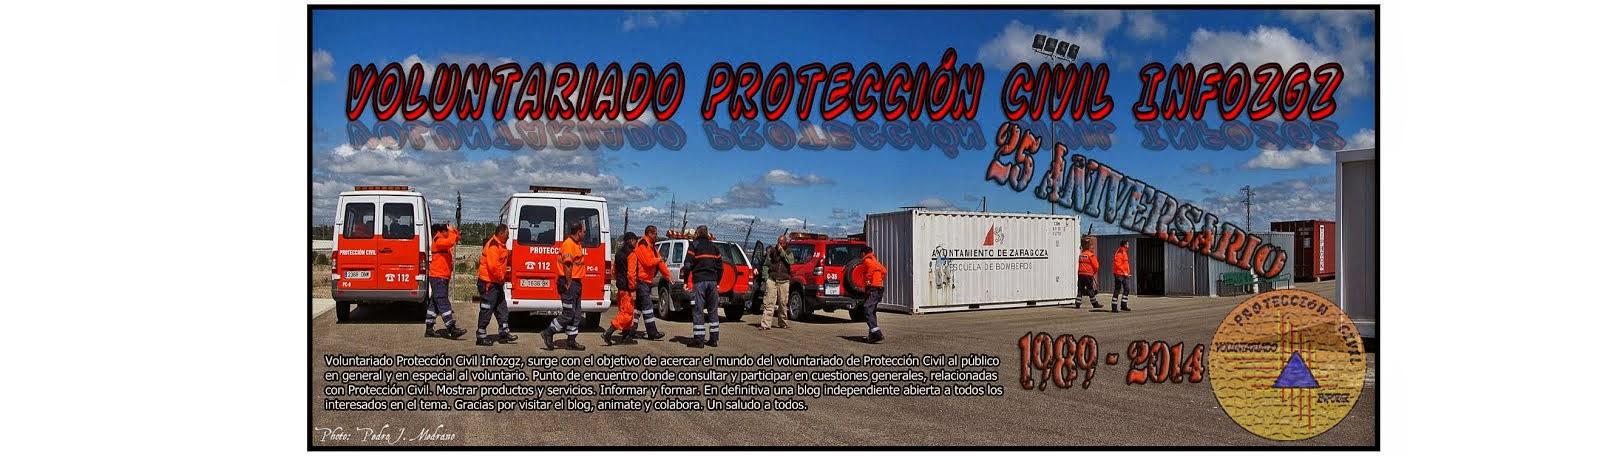 Voluntariado Protección Civil Infozgz